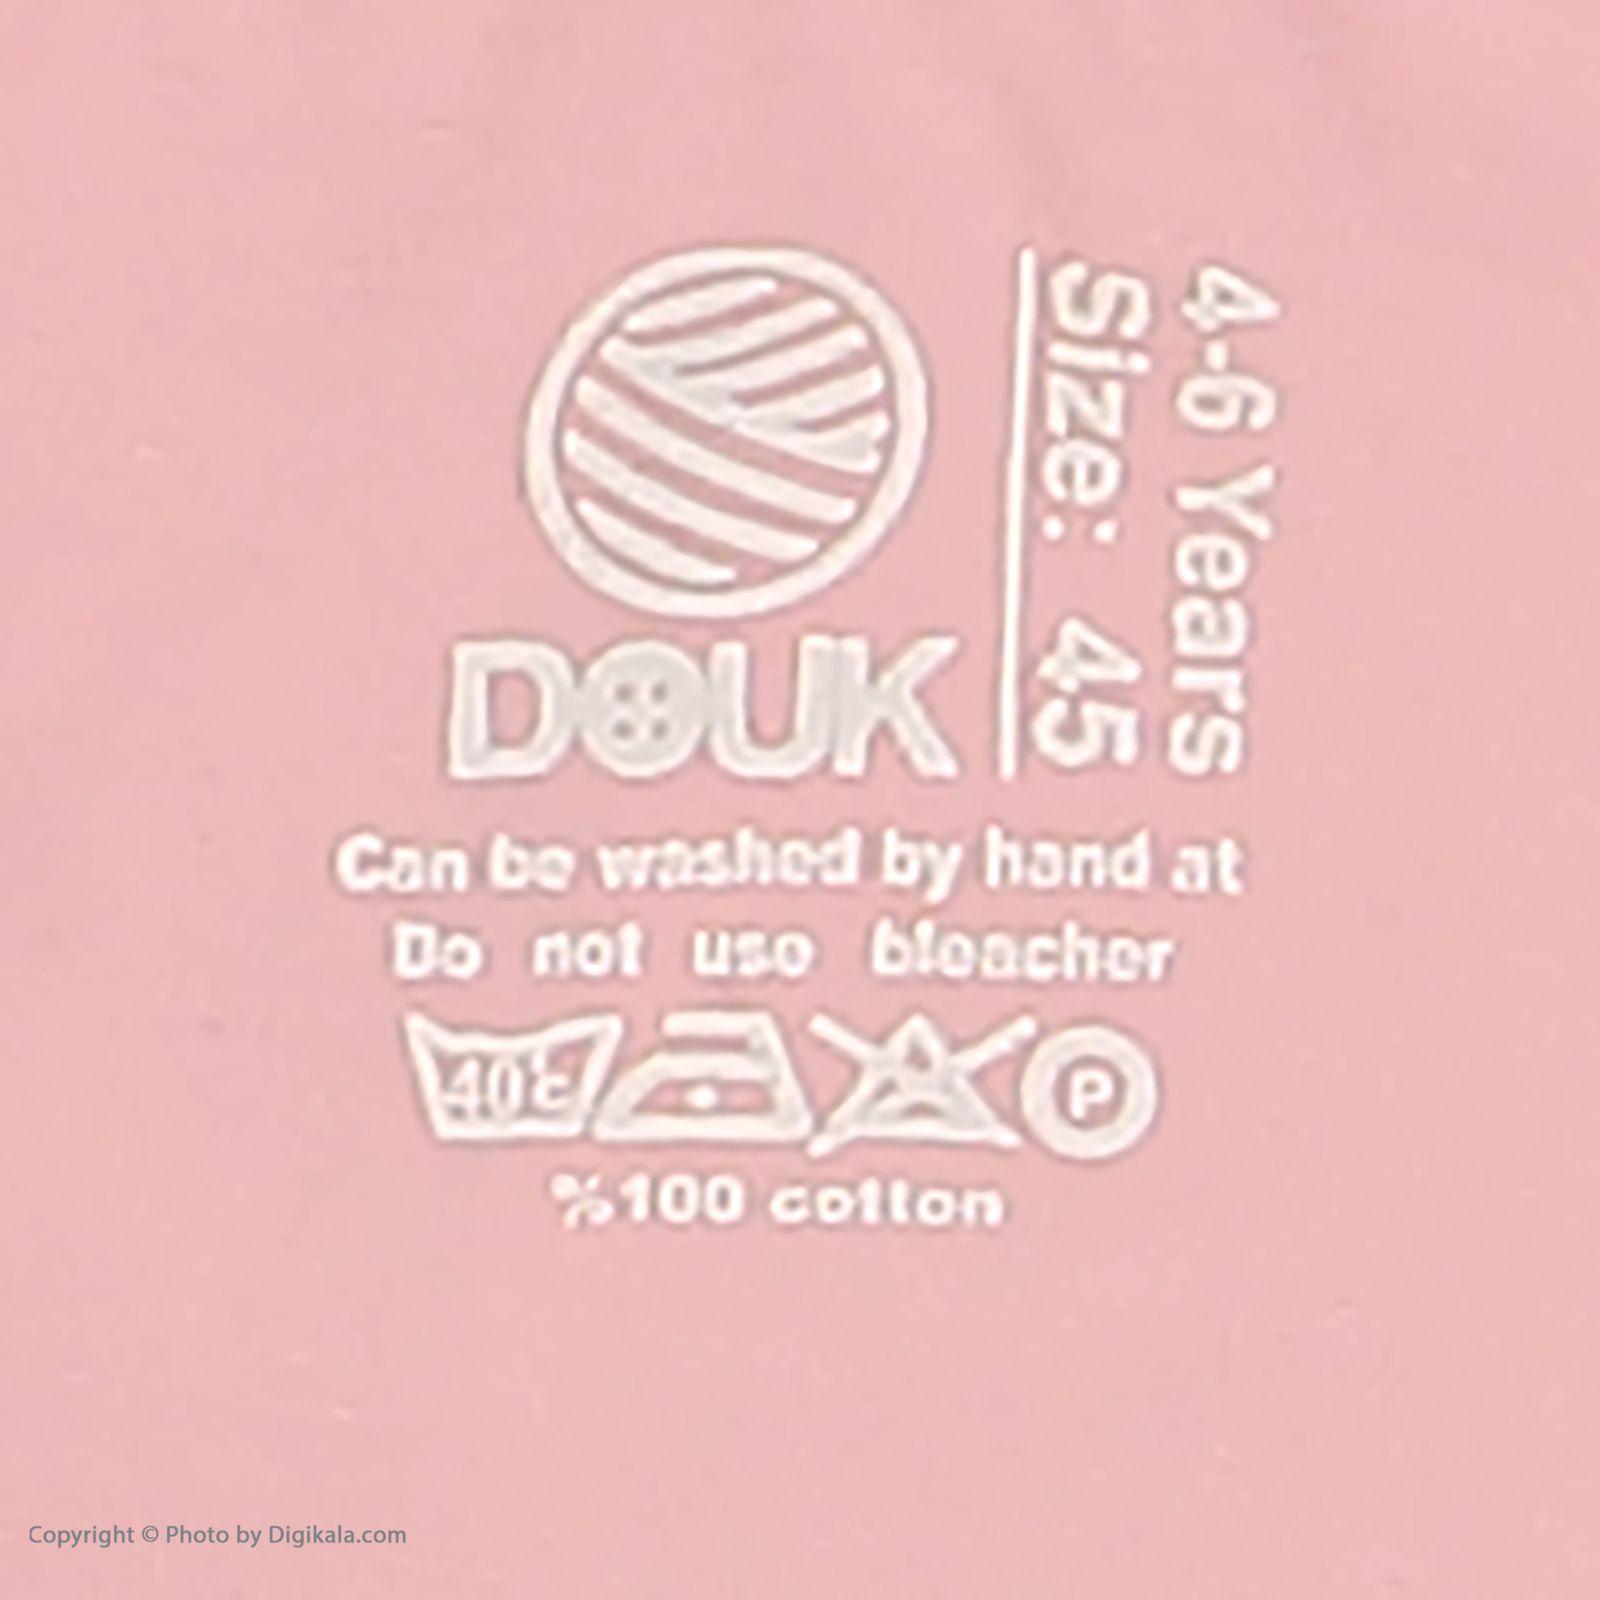 تی شرت دخترانه سون پون مدل 1391358-21 -  - 6